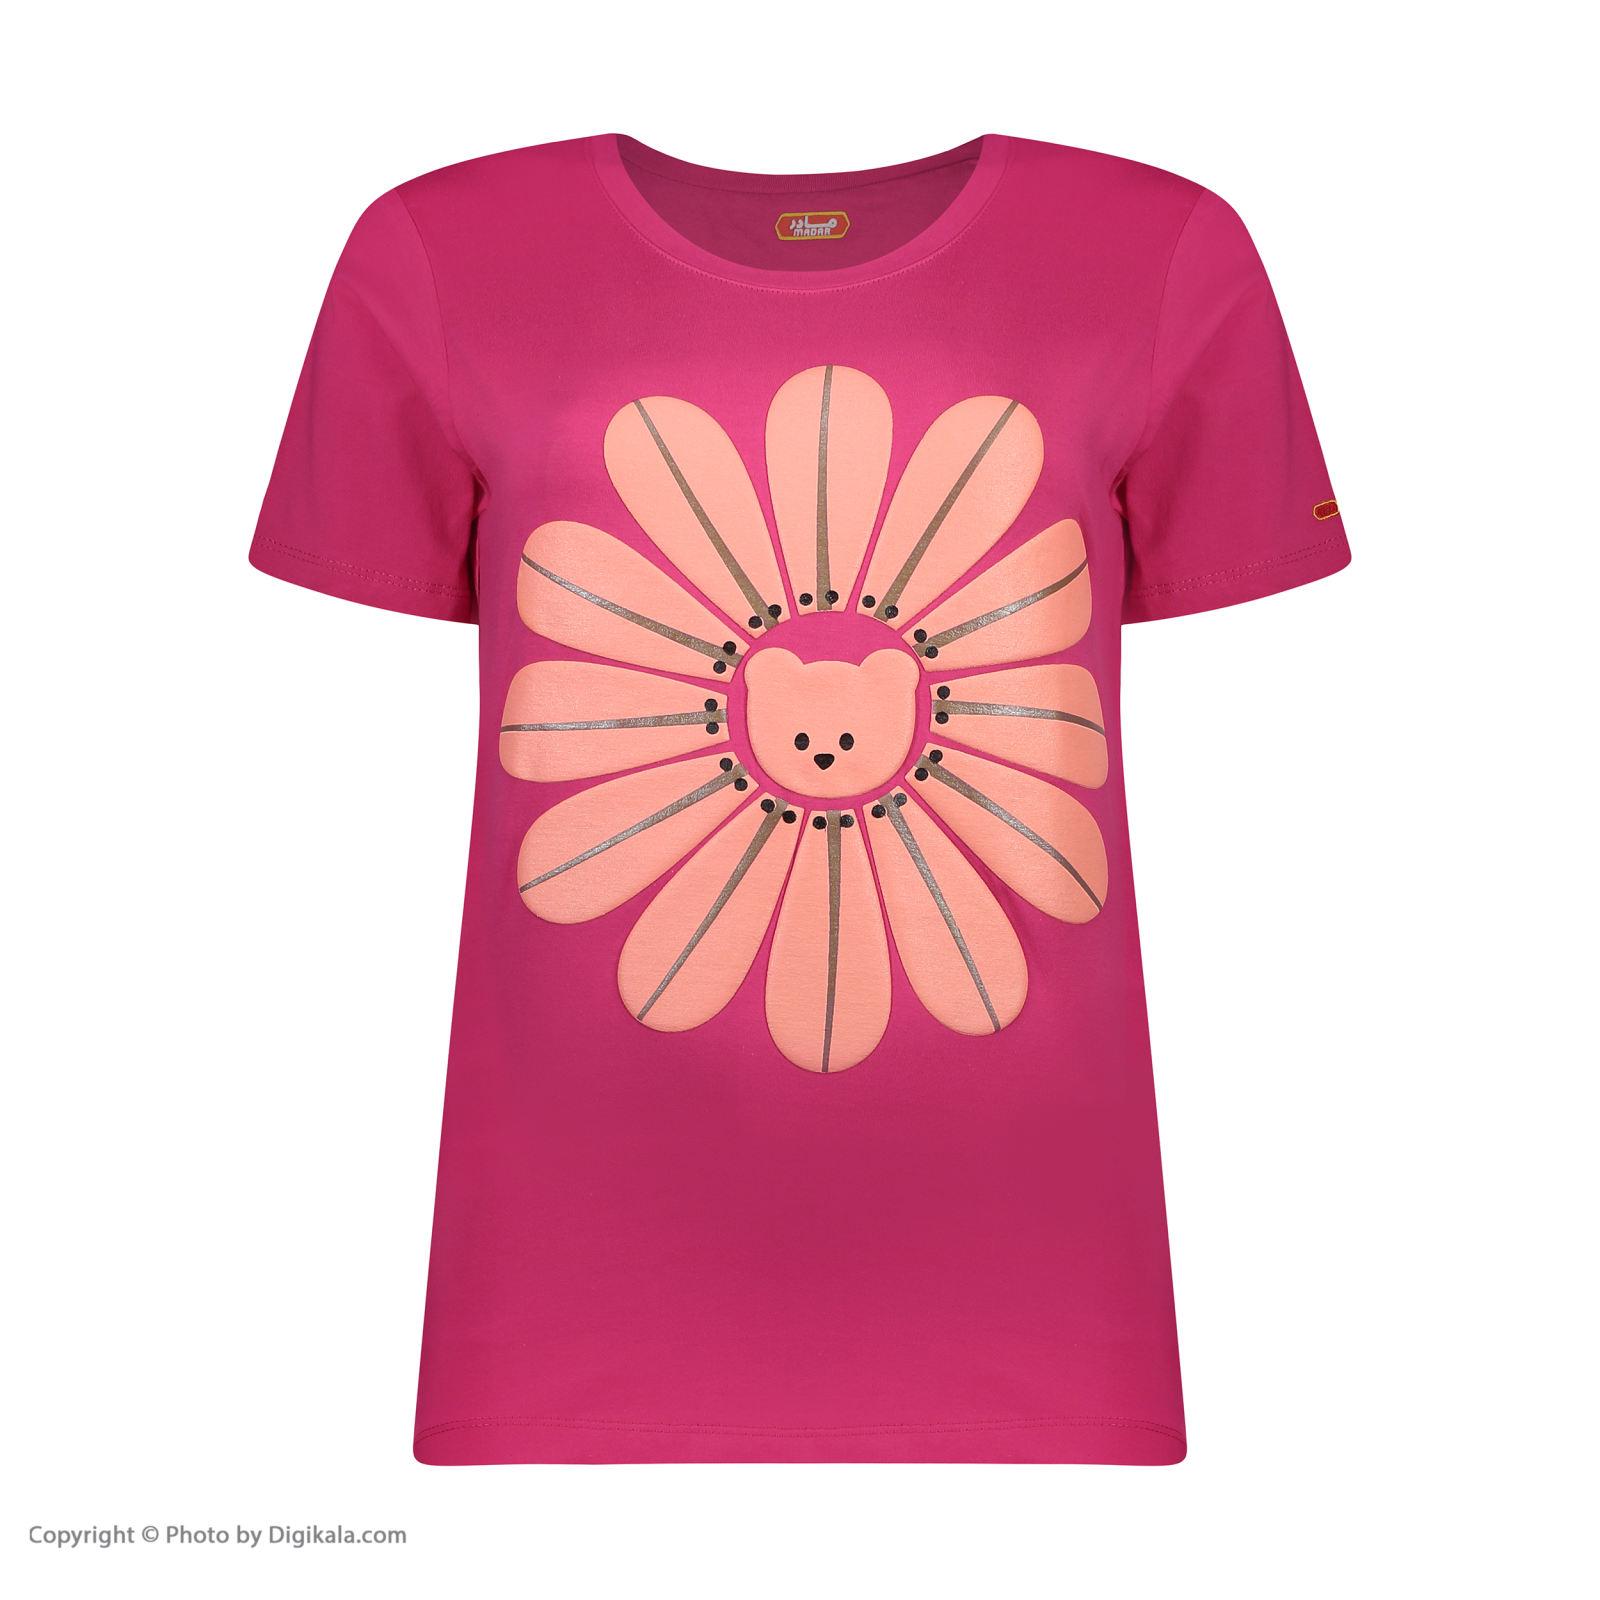 ست تی شرت و شلوارک راحتی زنانه مادر مدل 2041101-66 -  - 4